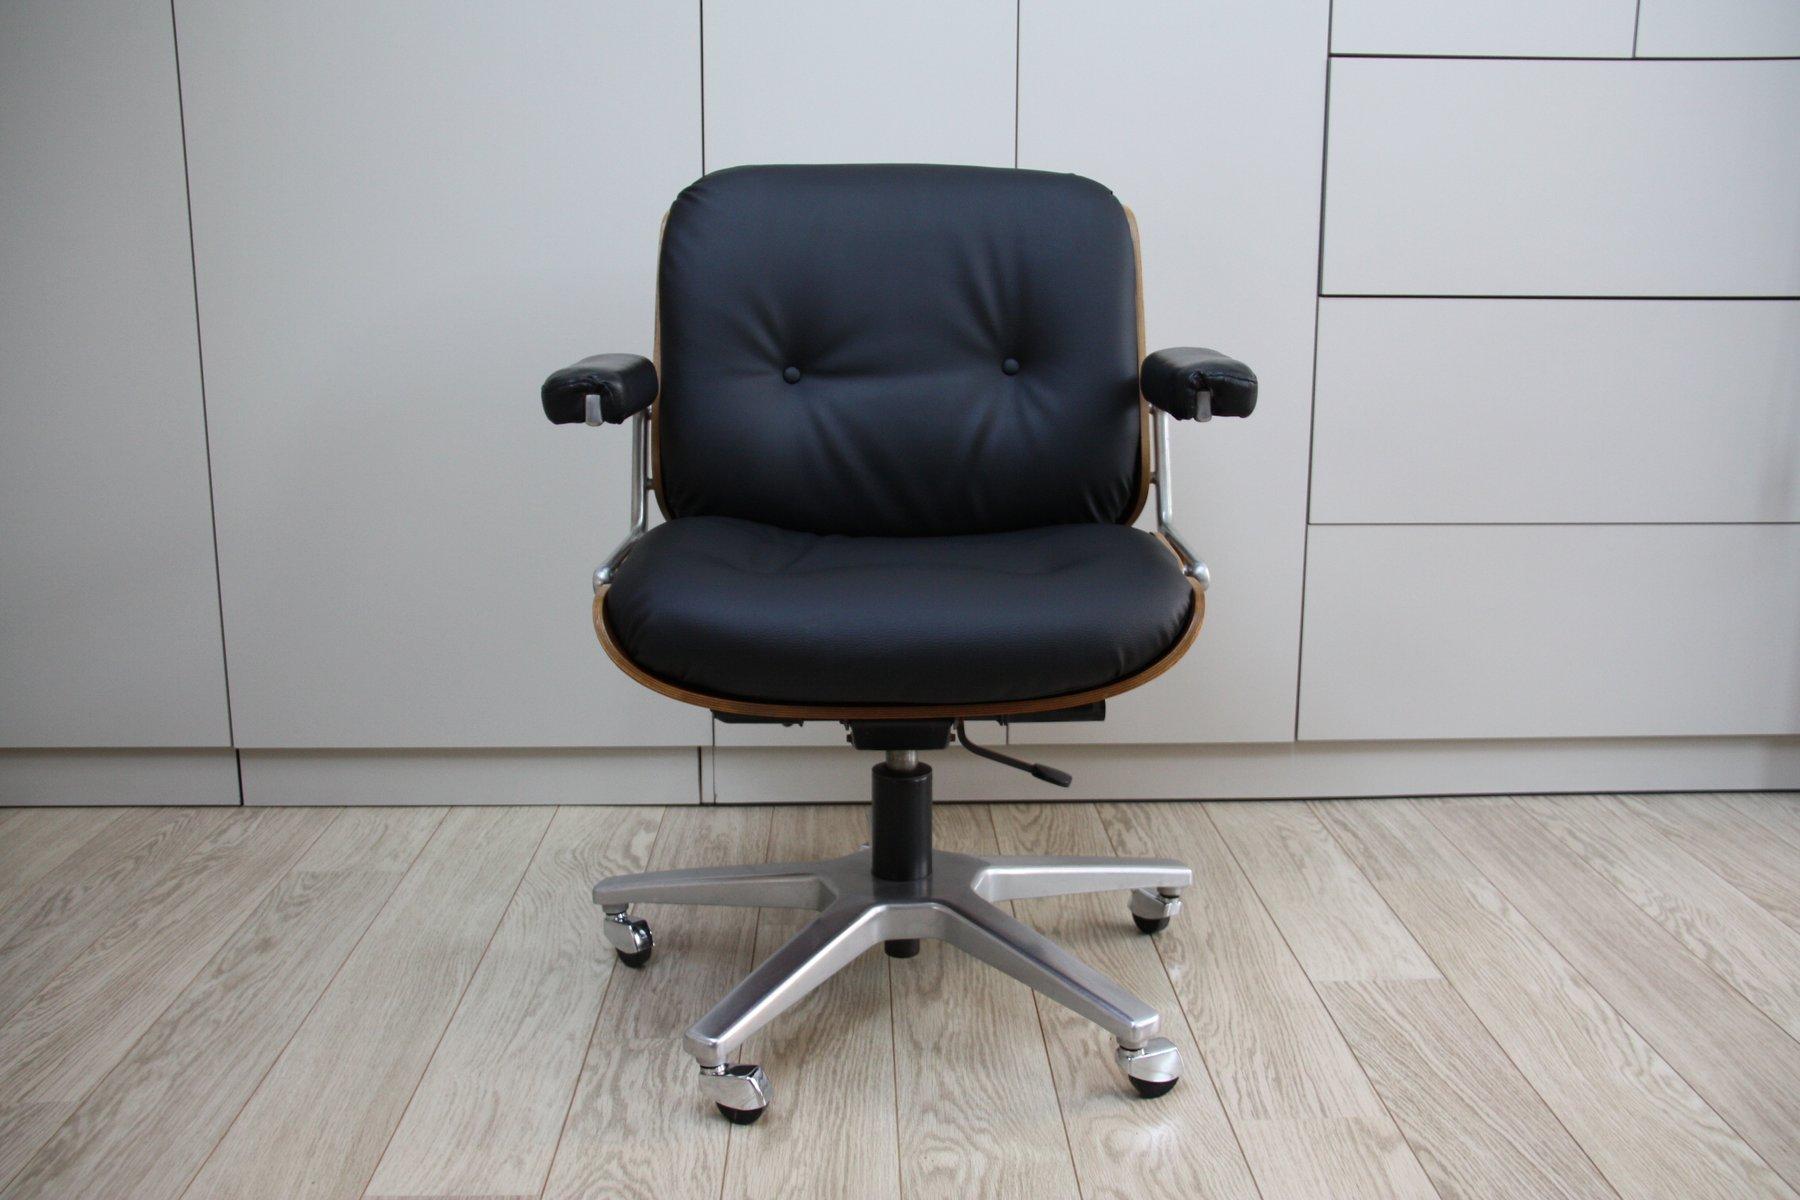 Sedie Da Ufficio In Pelle : Sedia da ufficio vintage girevole in pelle nera e legno di karl